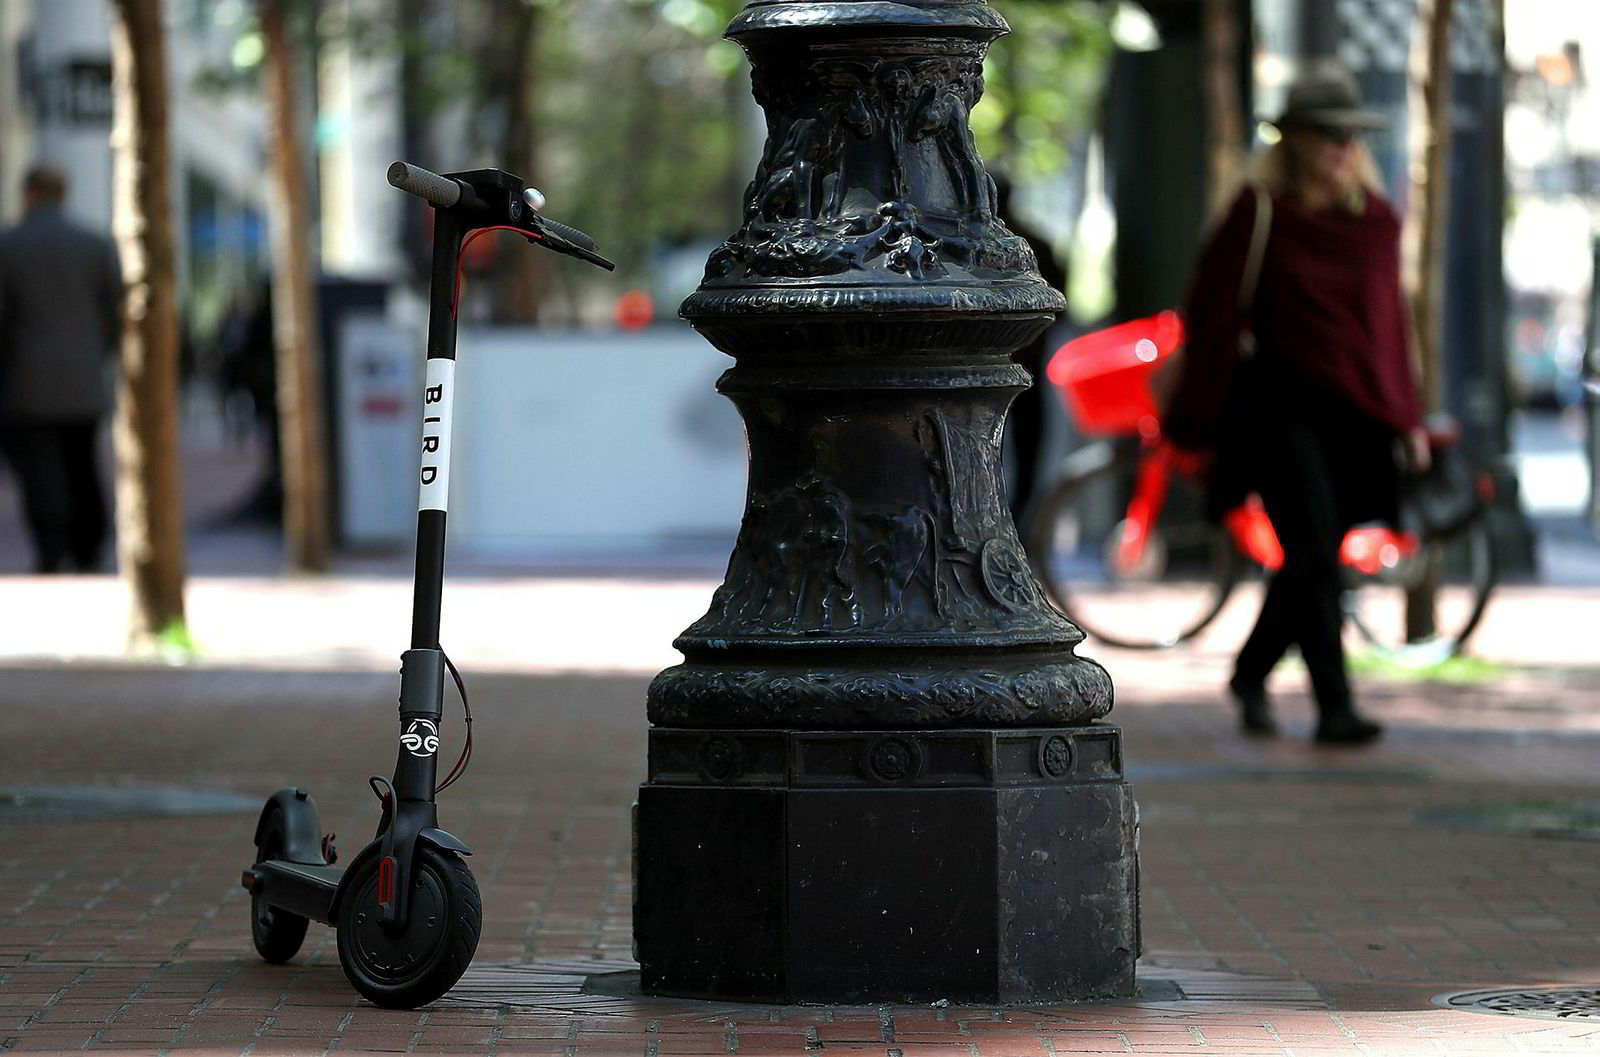 En sparkesykkel fra Bird står parkert ved en lyktestolpe i San Francisco. Syklene kan parkeres hvor som helst, noe som kan skape litt trøbbel i bybildet.